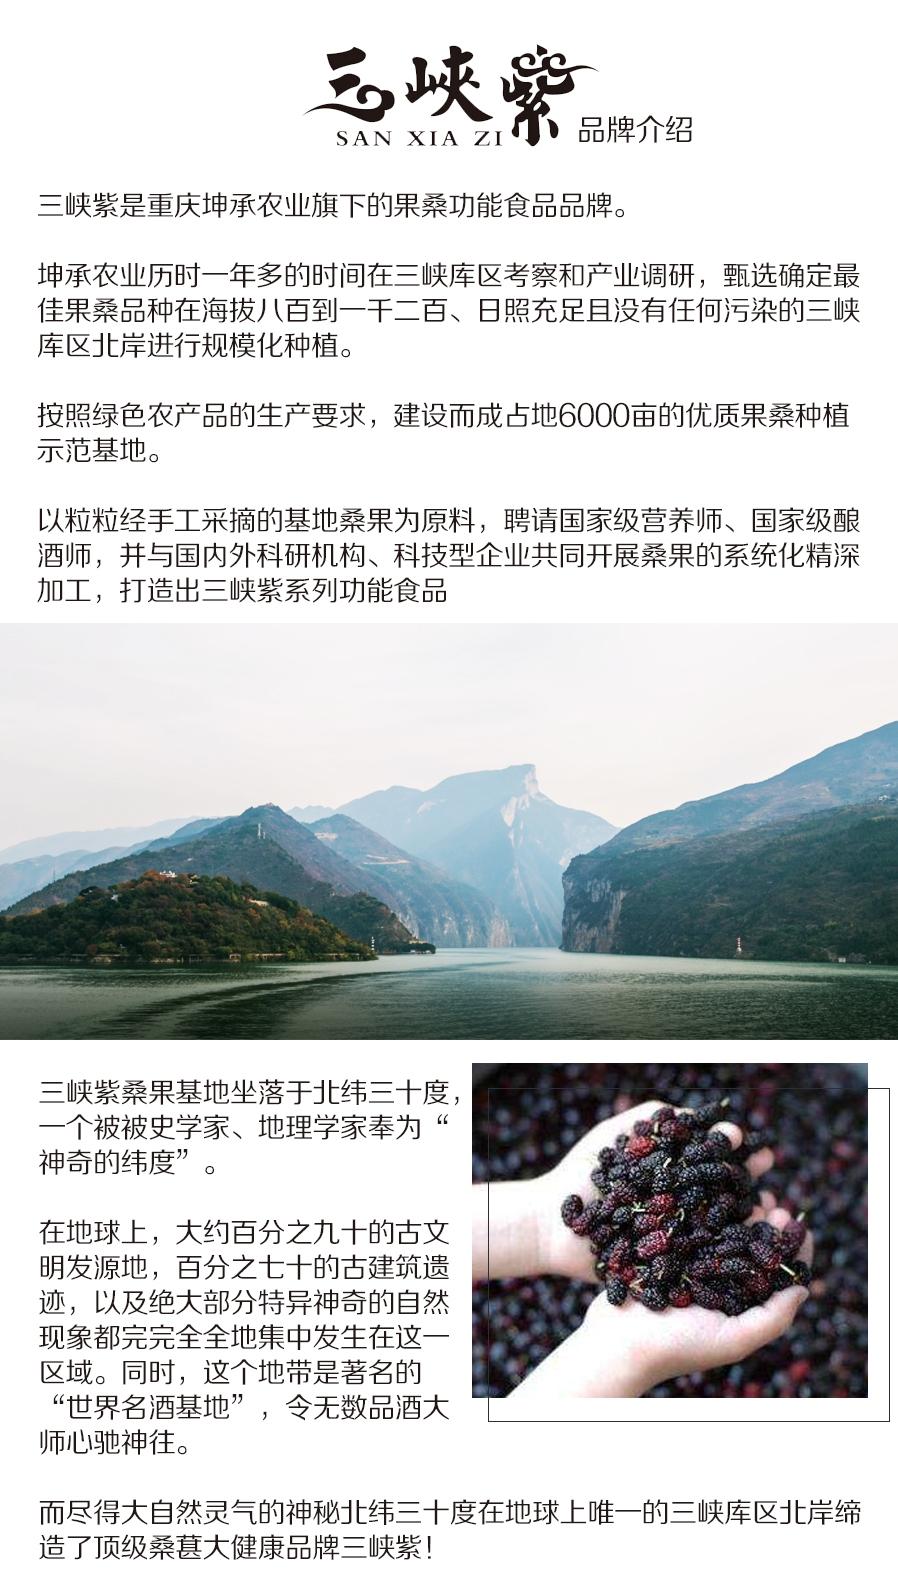 产品消费者1111_02_WPS图片.jpg